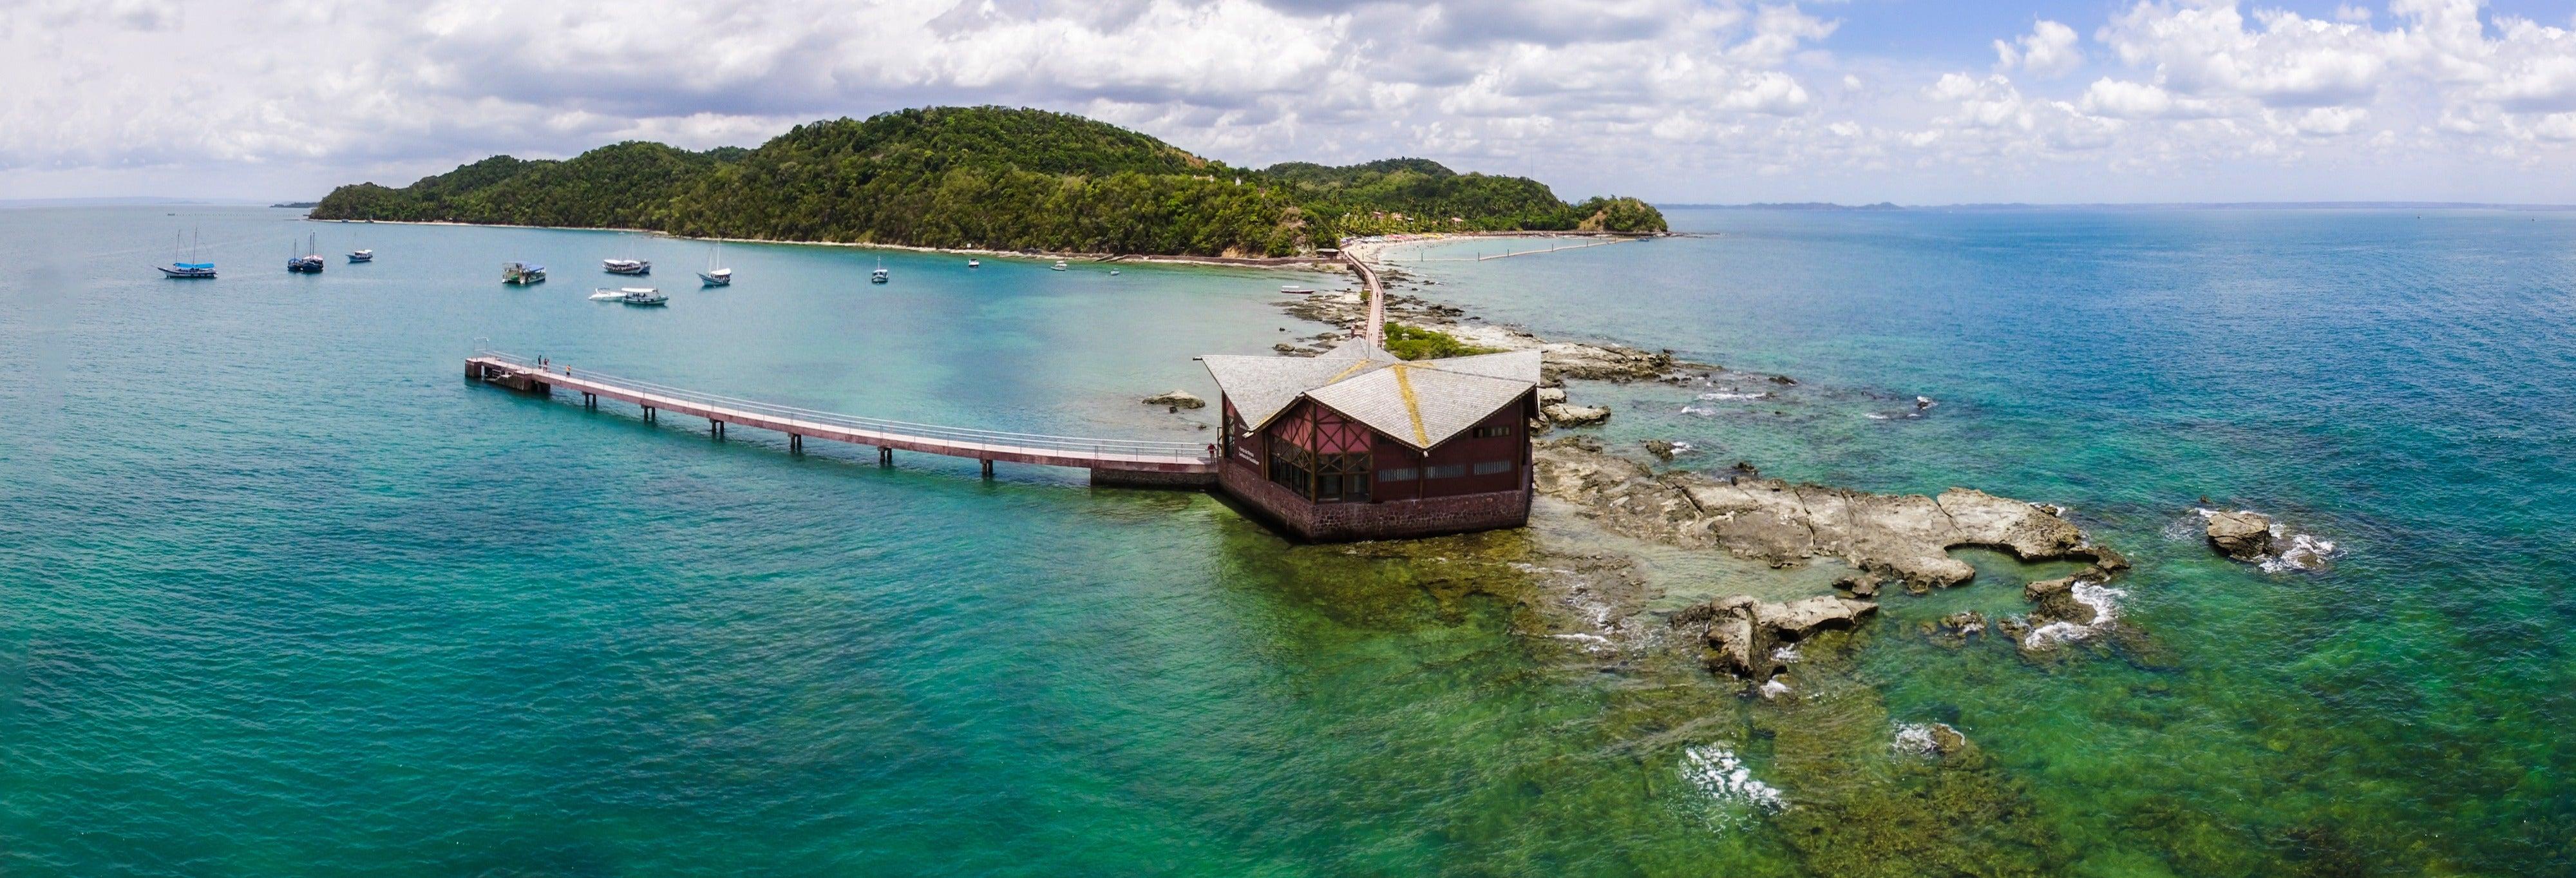 Excursión a las islas de Salvador de Bahía